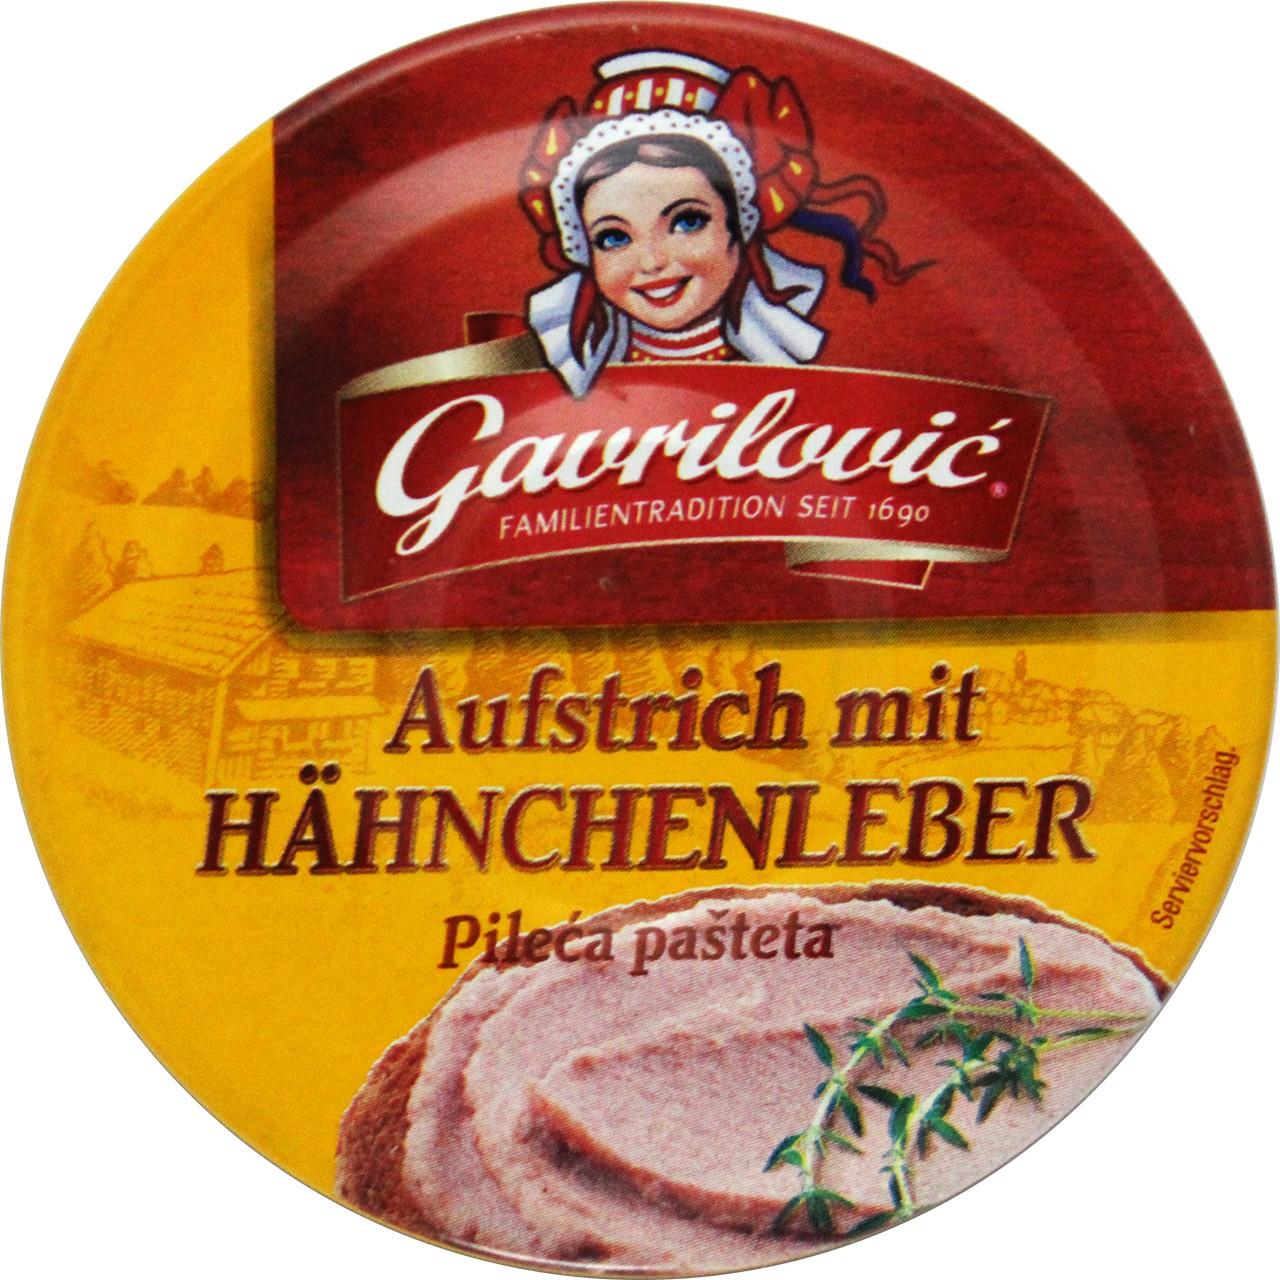 Hähnchenleberpastete - Pileća pašteta